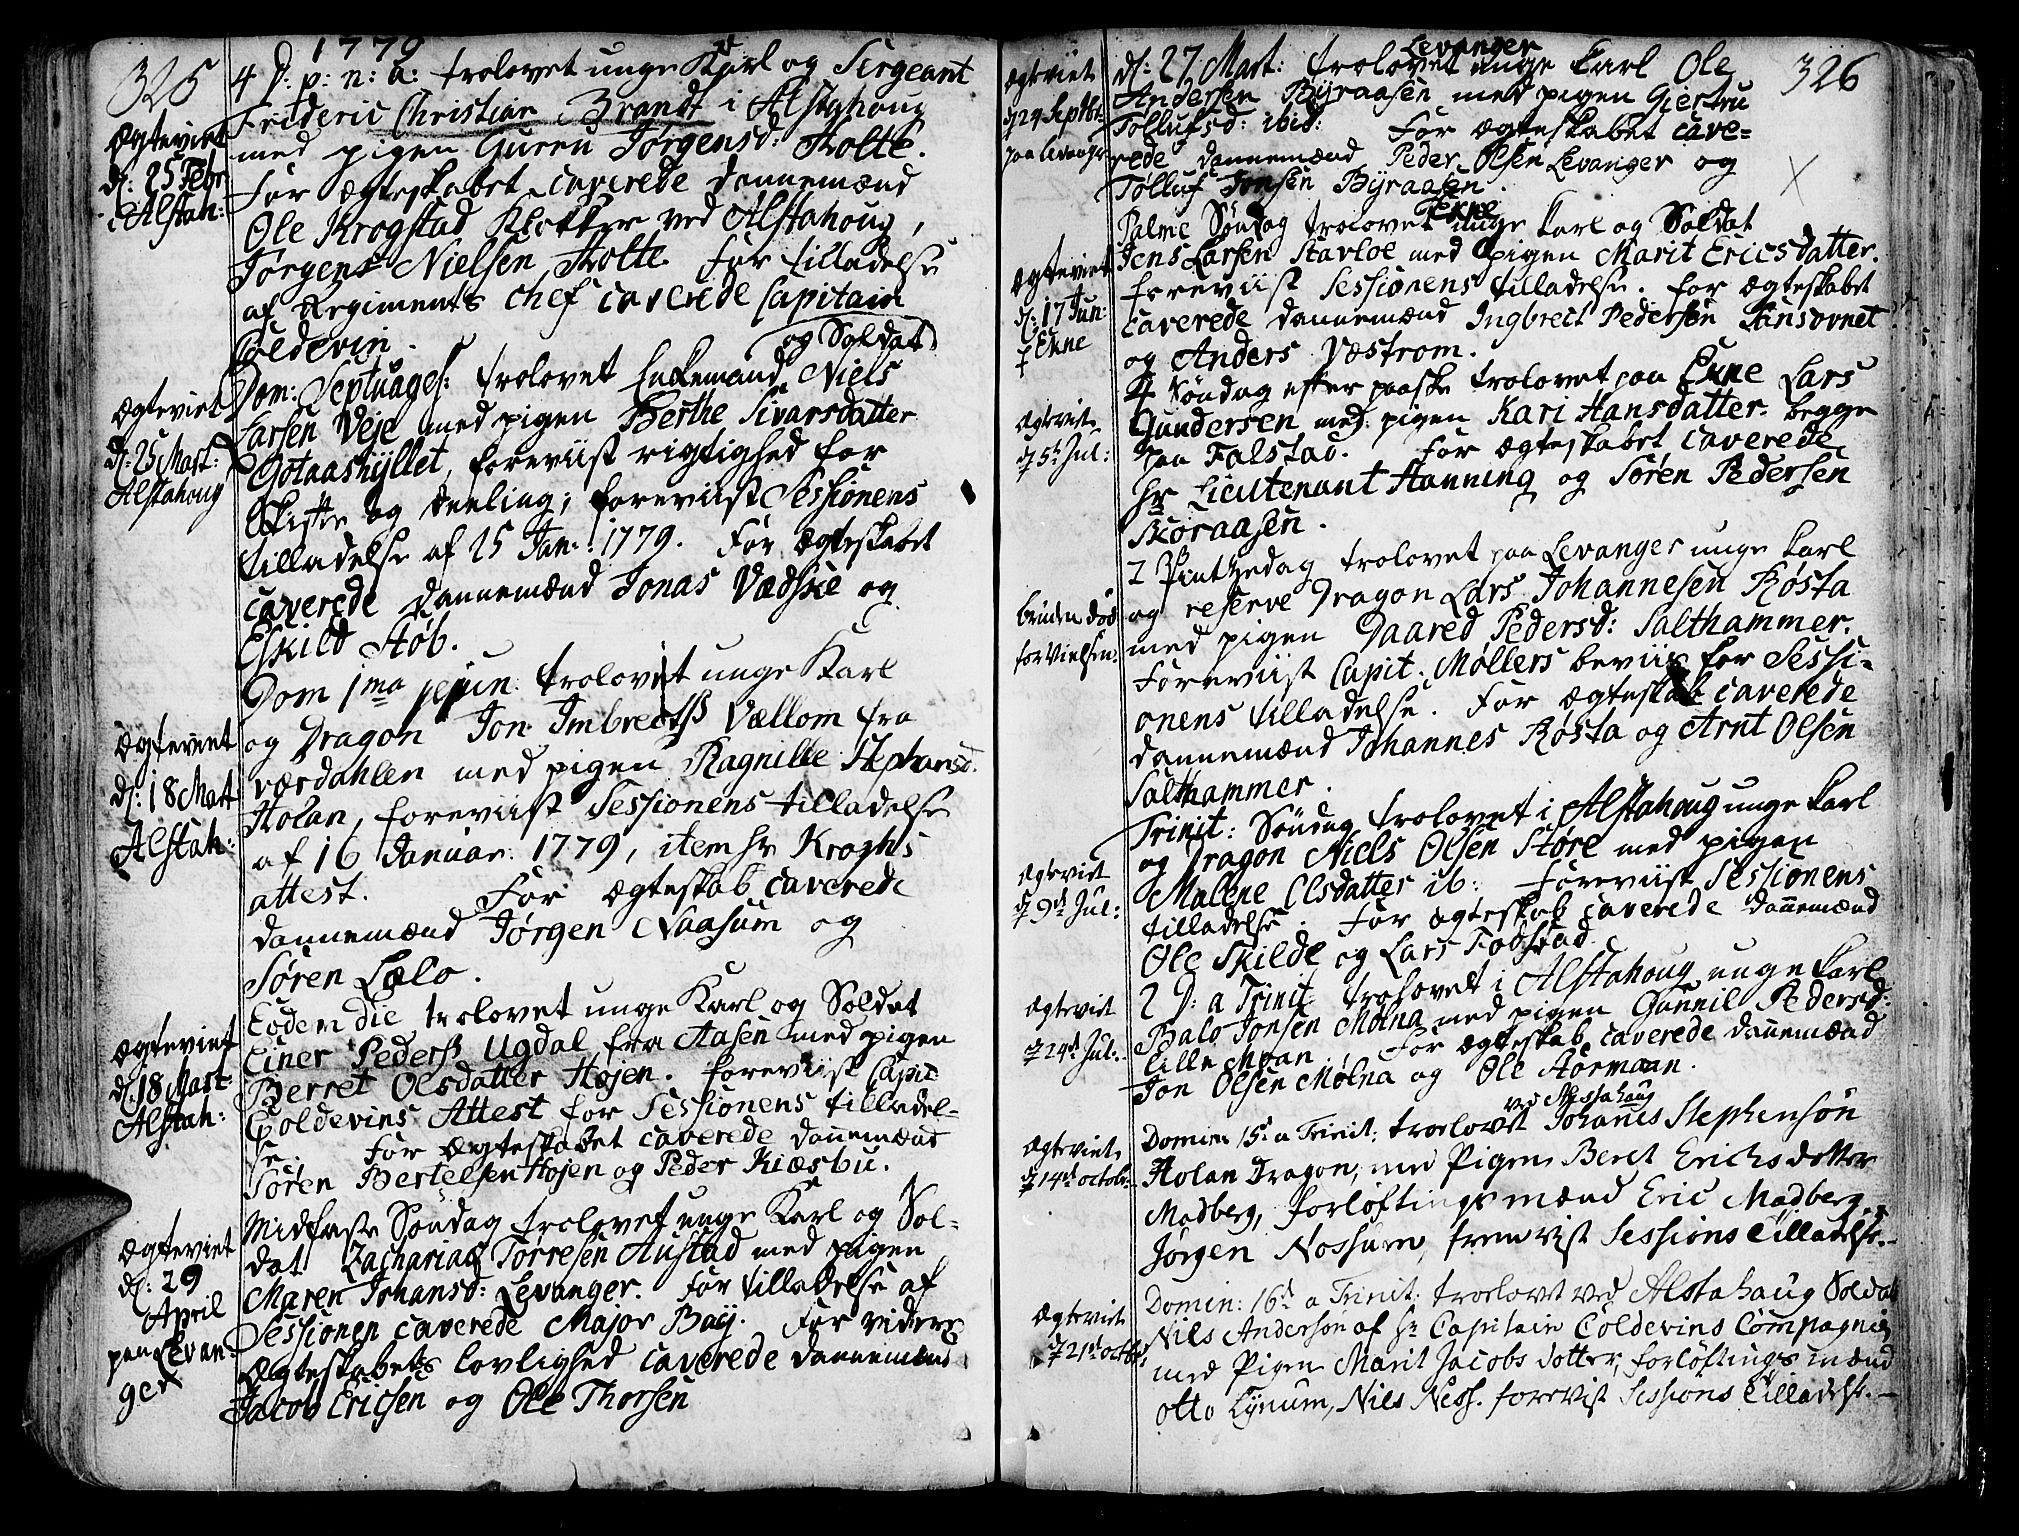 SAT, Ministerialprotokoller, klokkerbøker og fødselsregistre - Nord-Trøndelag, 717/L0141: Ministerialbok nr. 717A01, 1747-1803, s. 325-326